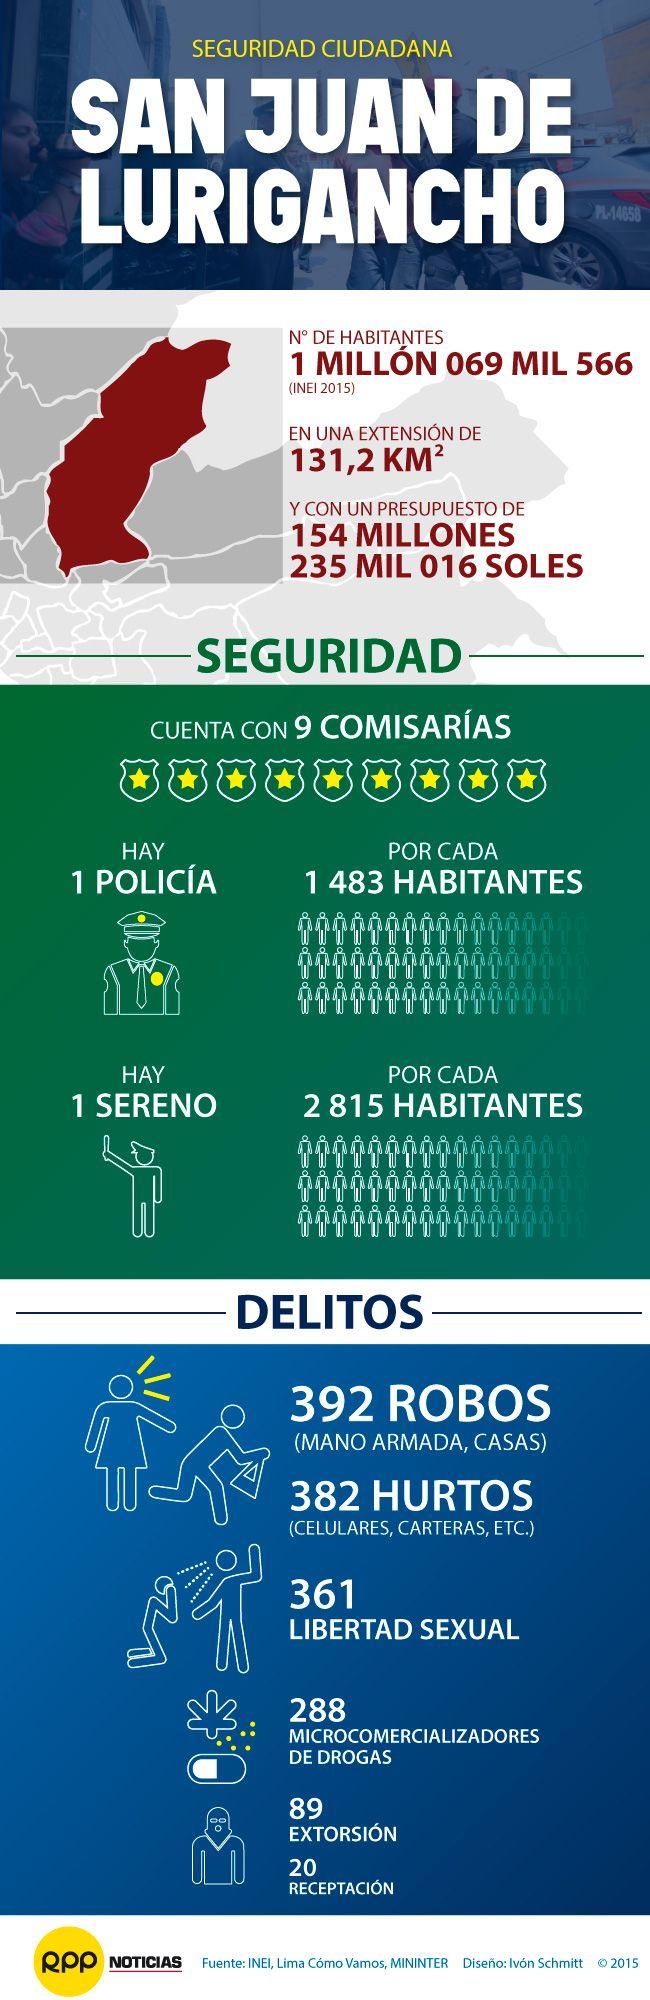 La cruzada contra la inseguridad ciudadana de RPP Noticias llegó a San Juan de Lurigancho (SJL). Conoce la situación de este distrito aquí:  http://rpp.pe/lima/seguridad/cruzada-de-rpp-contra-la-inseguridad-llego-por-cuarta-vez-a-sjl-noticia-914113